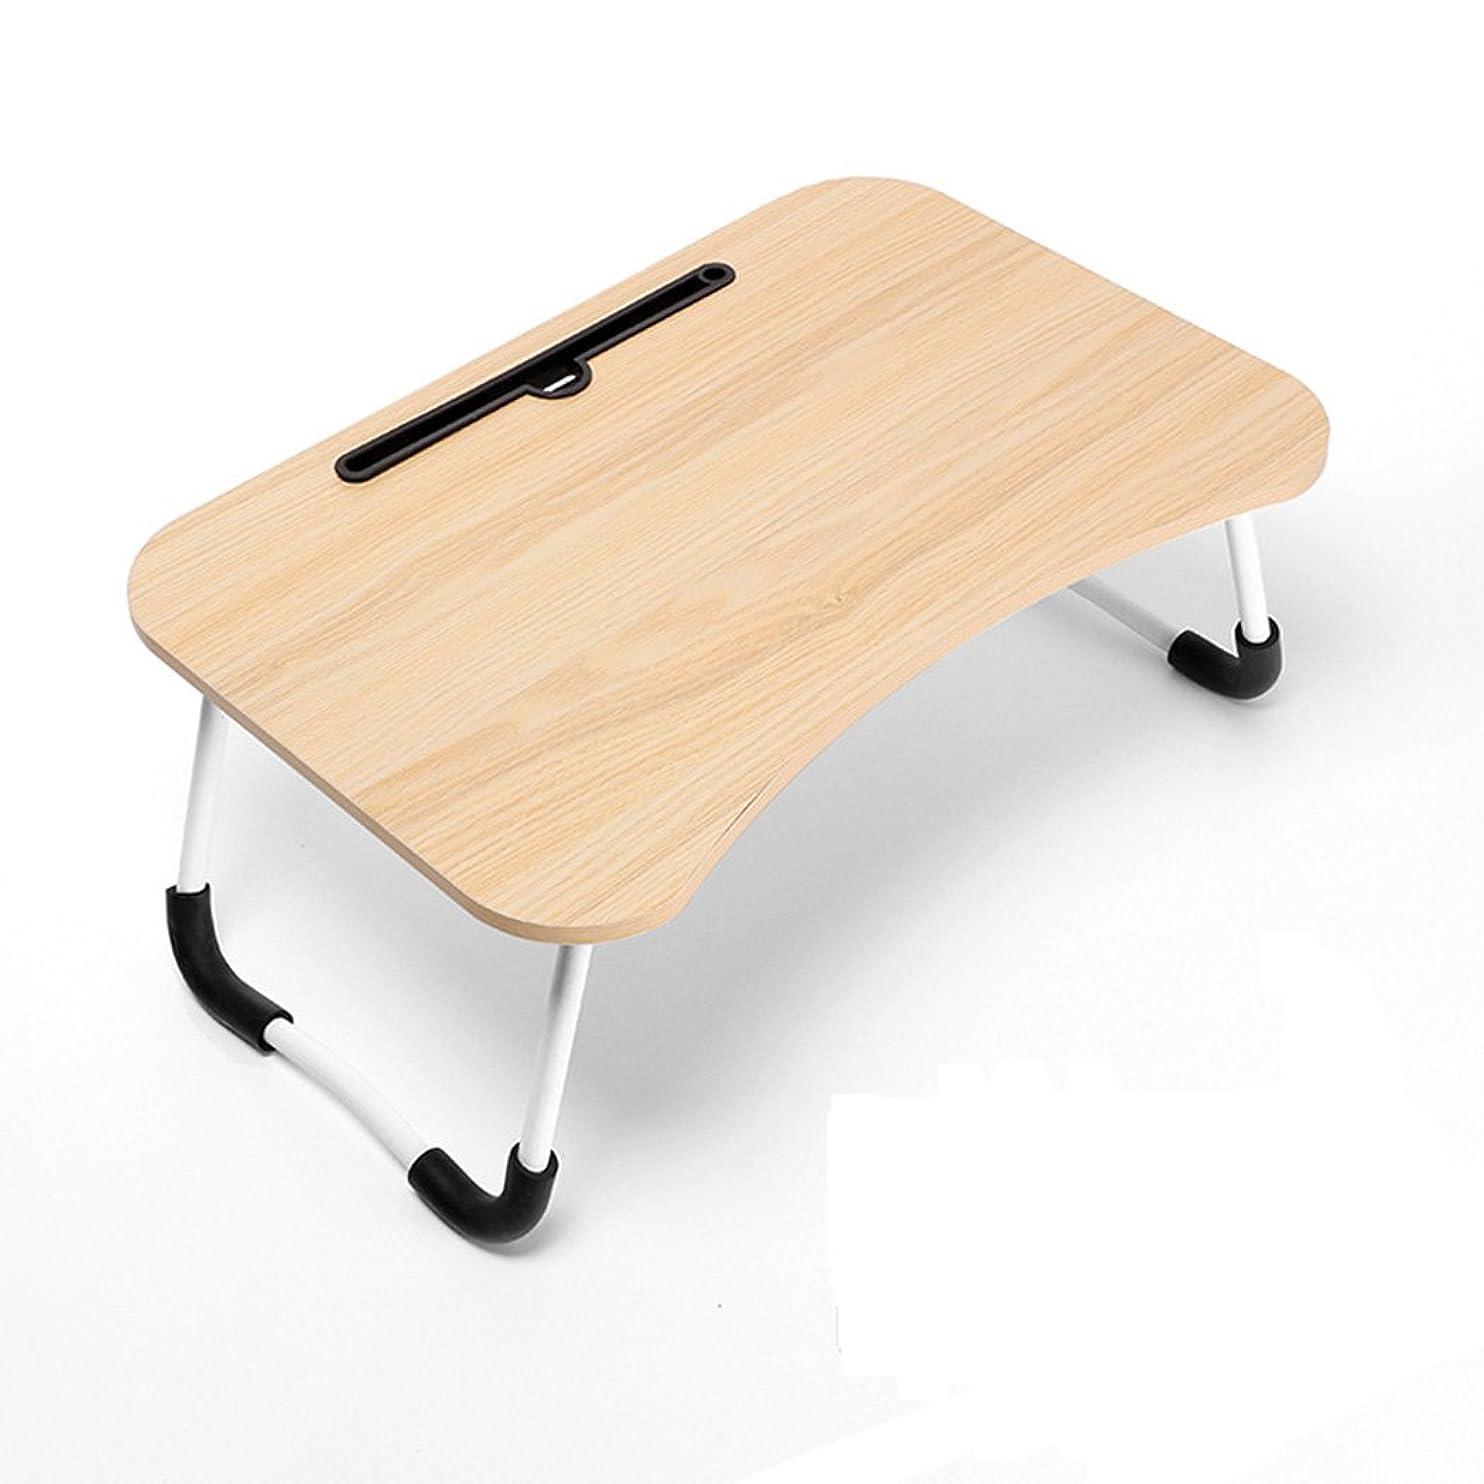 ばかげた写真撮影合併症ローテーブル 座卓 軽量 折りたたみテーブル 幅60cm 折れ脚 ちゃぶ台 PCデスク 和風 和モダン ナチュラル(ホワイト, 60*40*28)